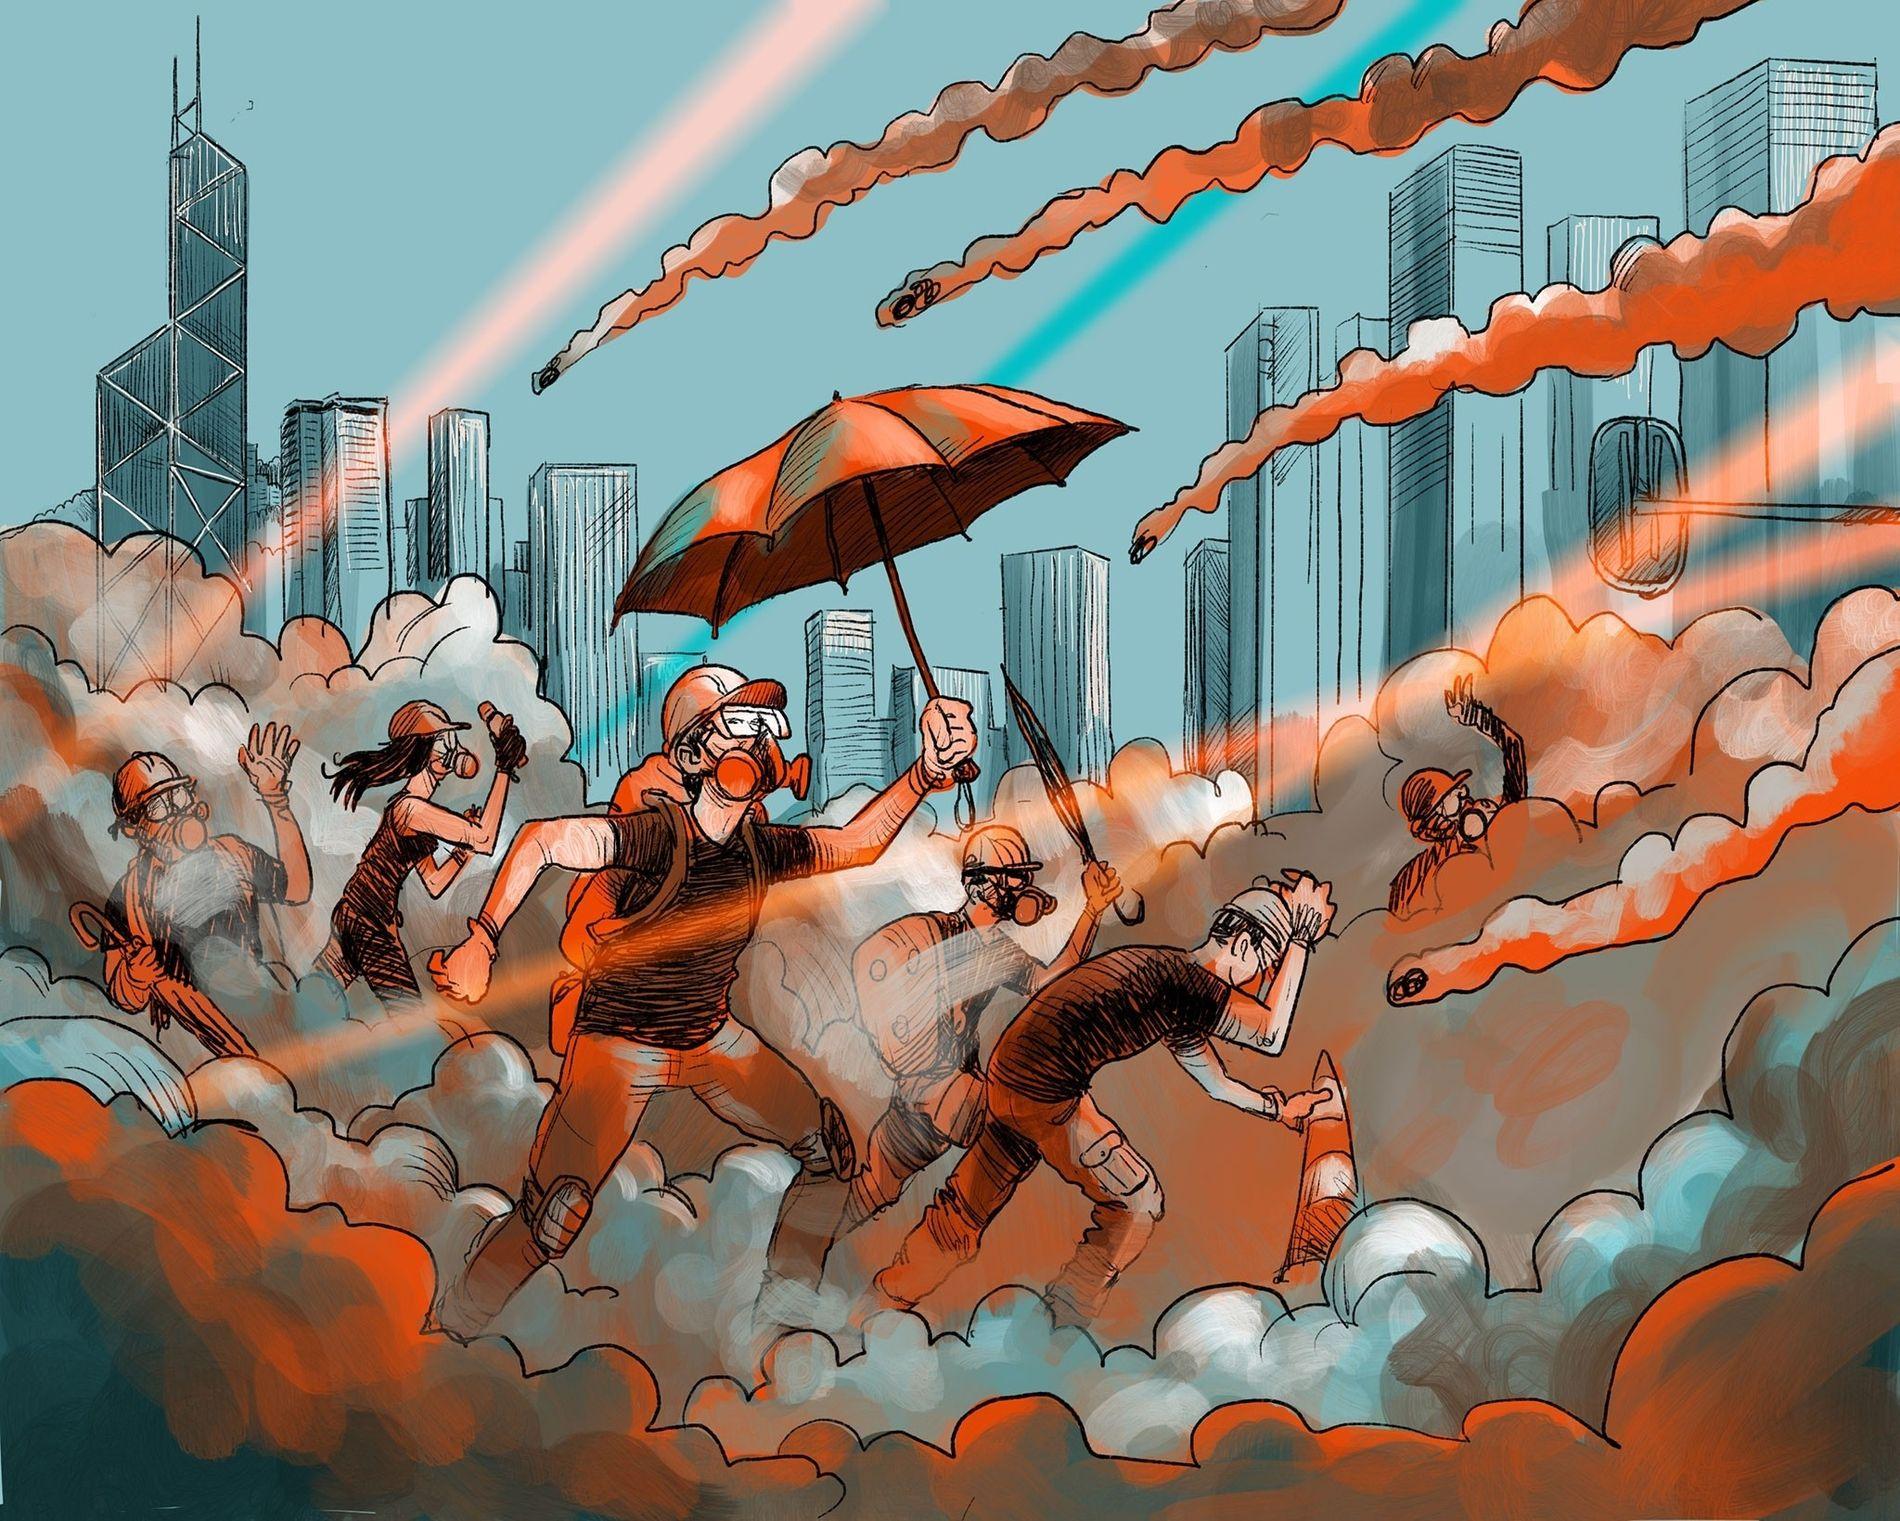 Hongkong befindet sich fest im Griff pro-demokratischer Demonstranten und ihren Auseinandersetzungen mit der Polizei. Der Sonderstatus ...